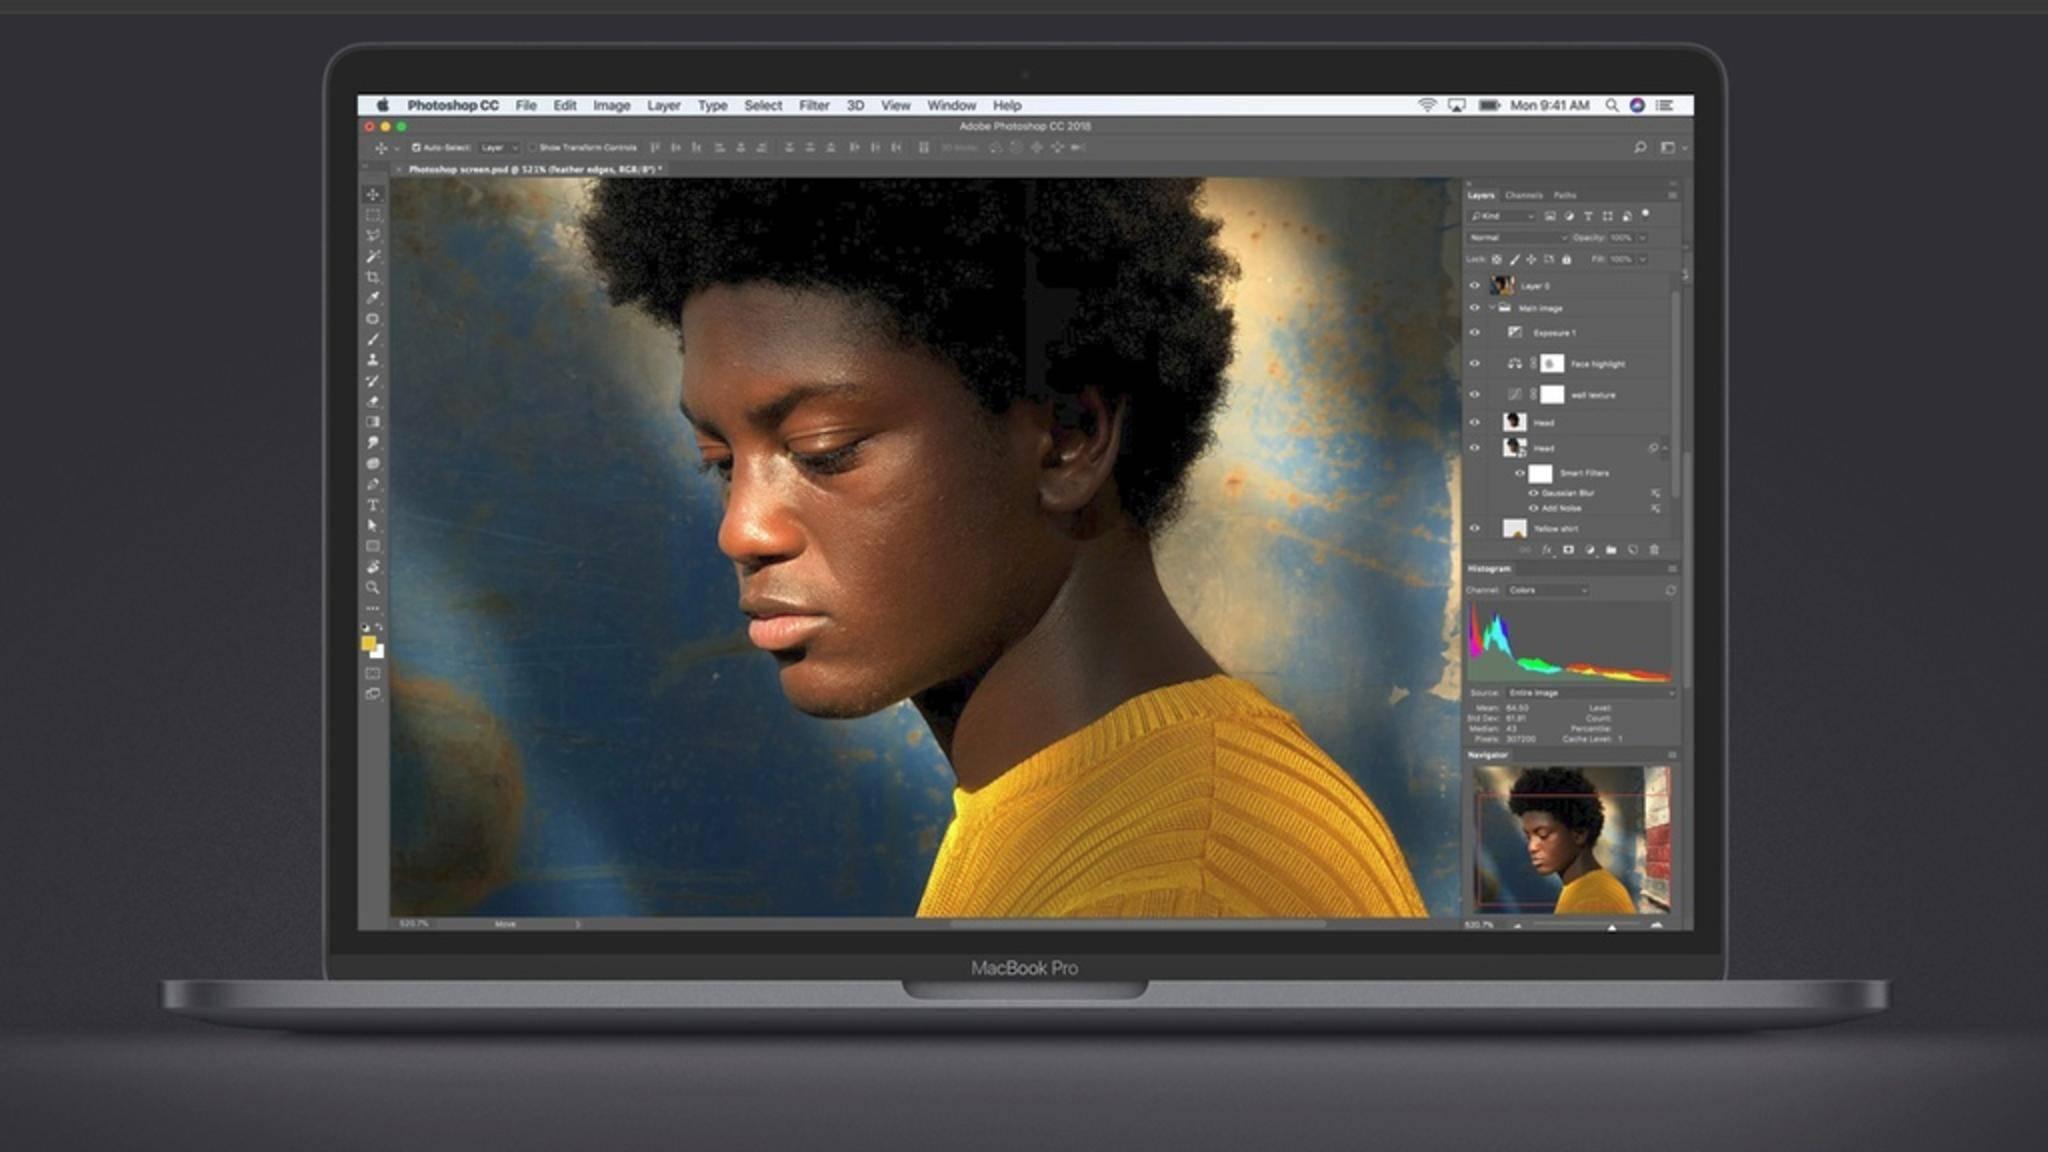 Die neuen MacBook-Pro-Modelle haben ein deutliches Leistungsplus erfahren.